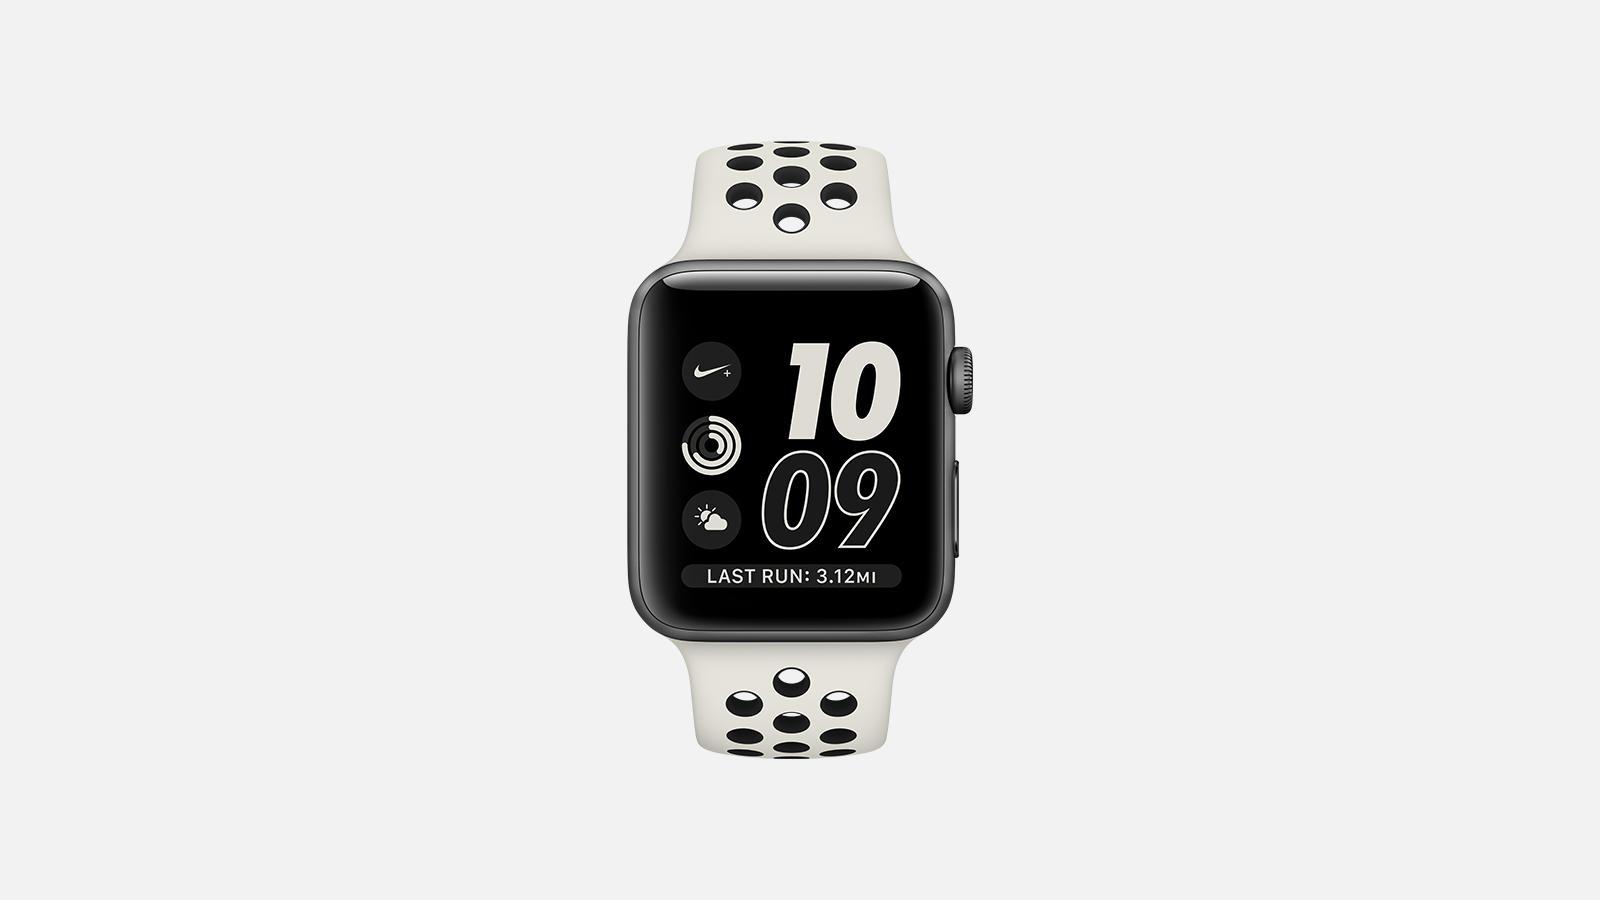 apple_watch_nikelab_2_hd_1600.jpg